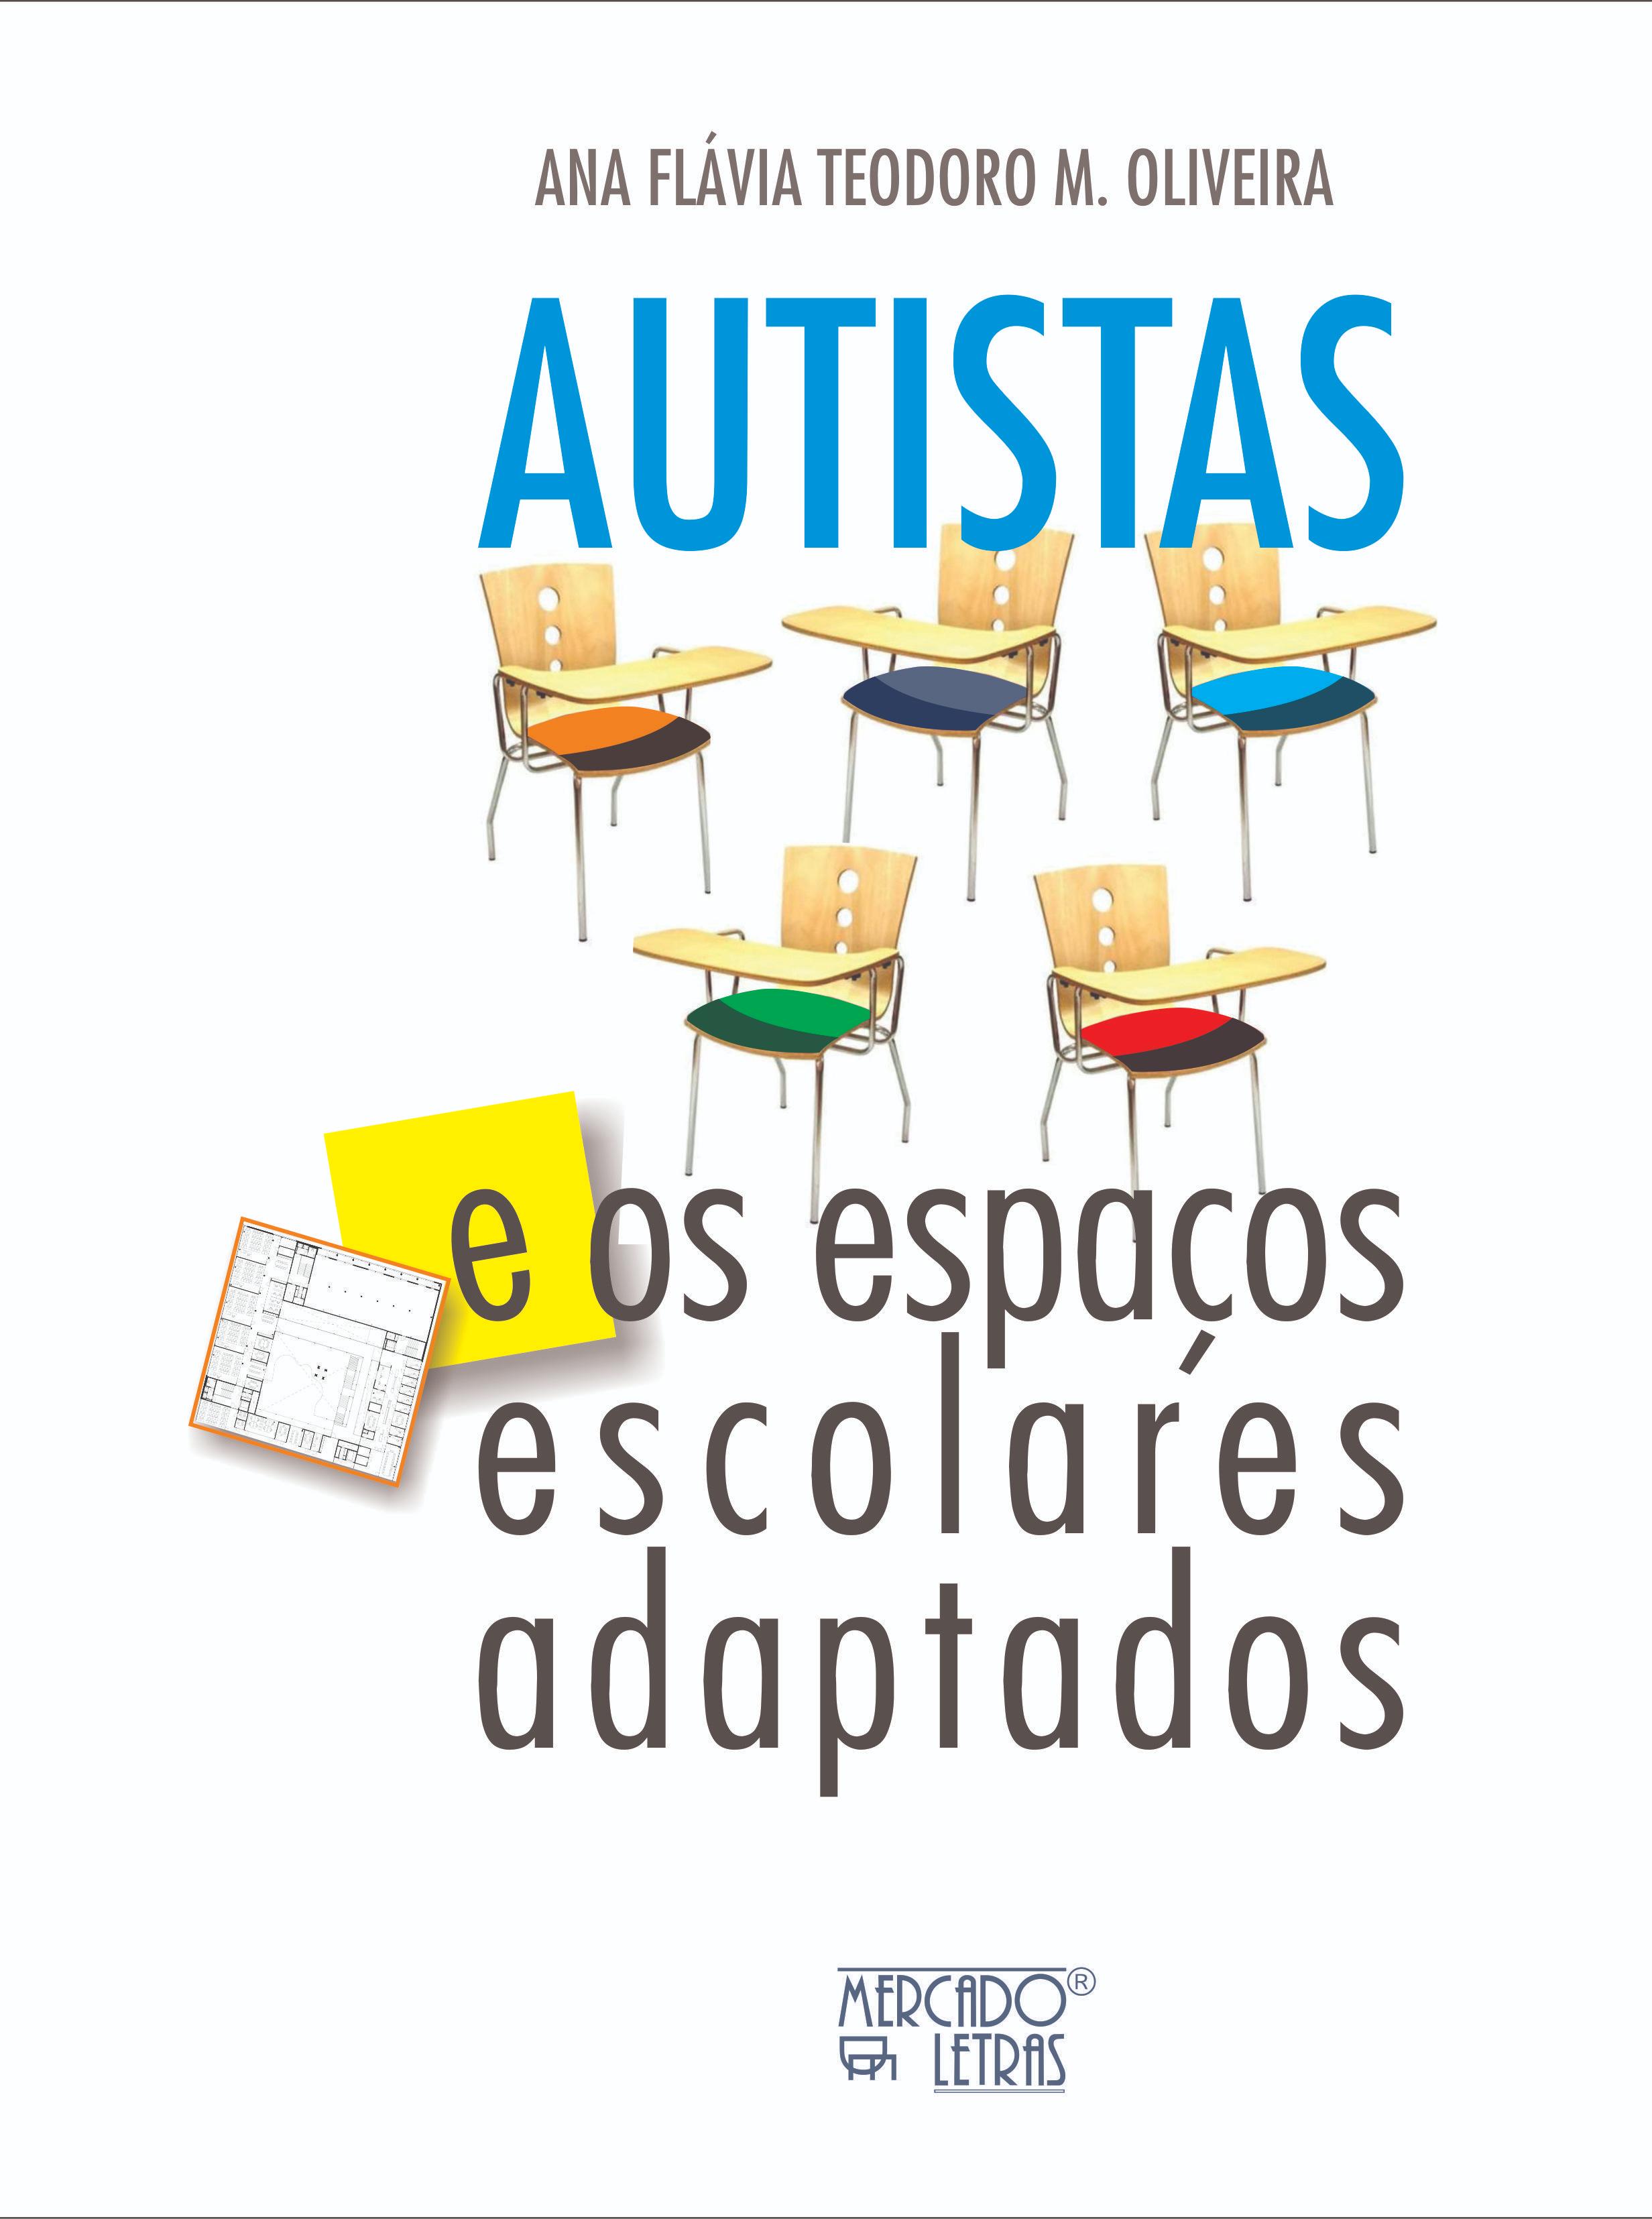 Autistas e os espaços escolares adaptados, livro de Ana Flávia Teodoro M. Oliveira